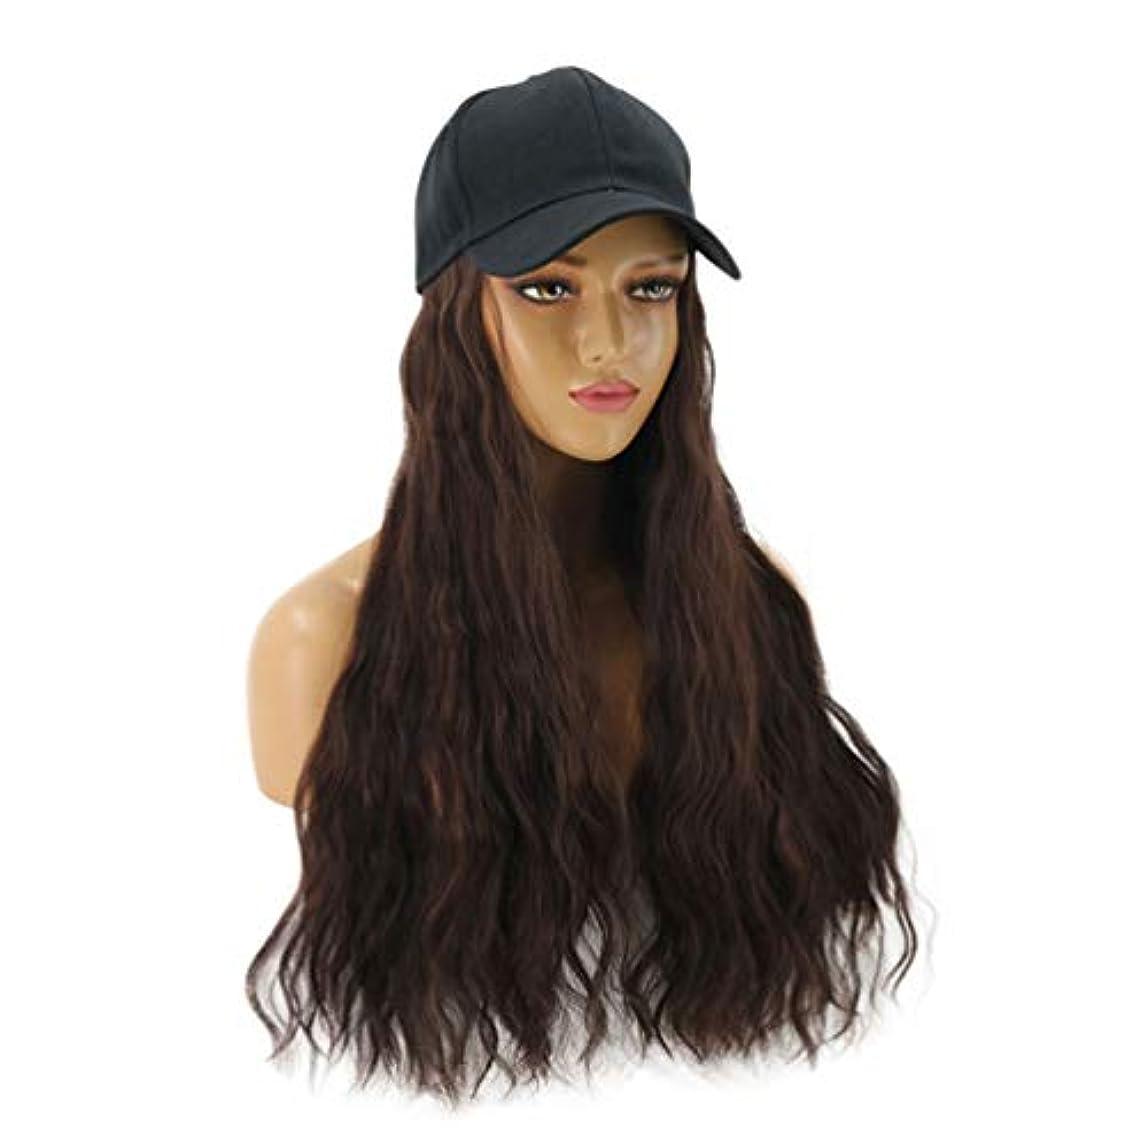 誘惑光電遺伝的ヘアエクステンション付き女性野球帽コーンウェーブヘアエクステンション付きブラックハット付き天然人工毛毎日のパーティー用ワンピース